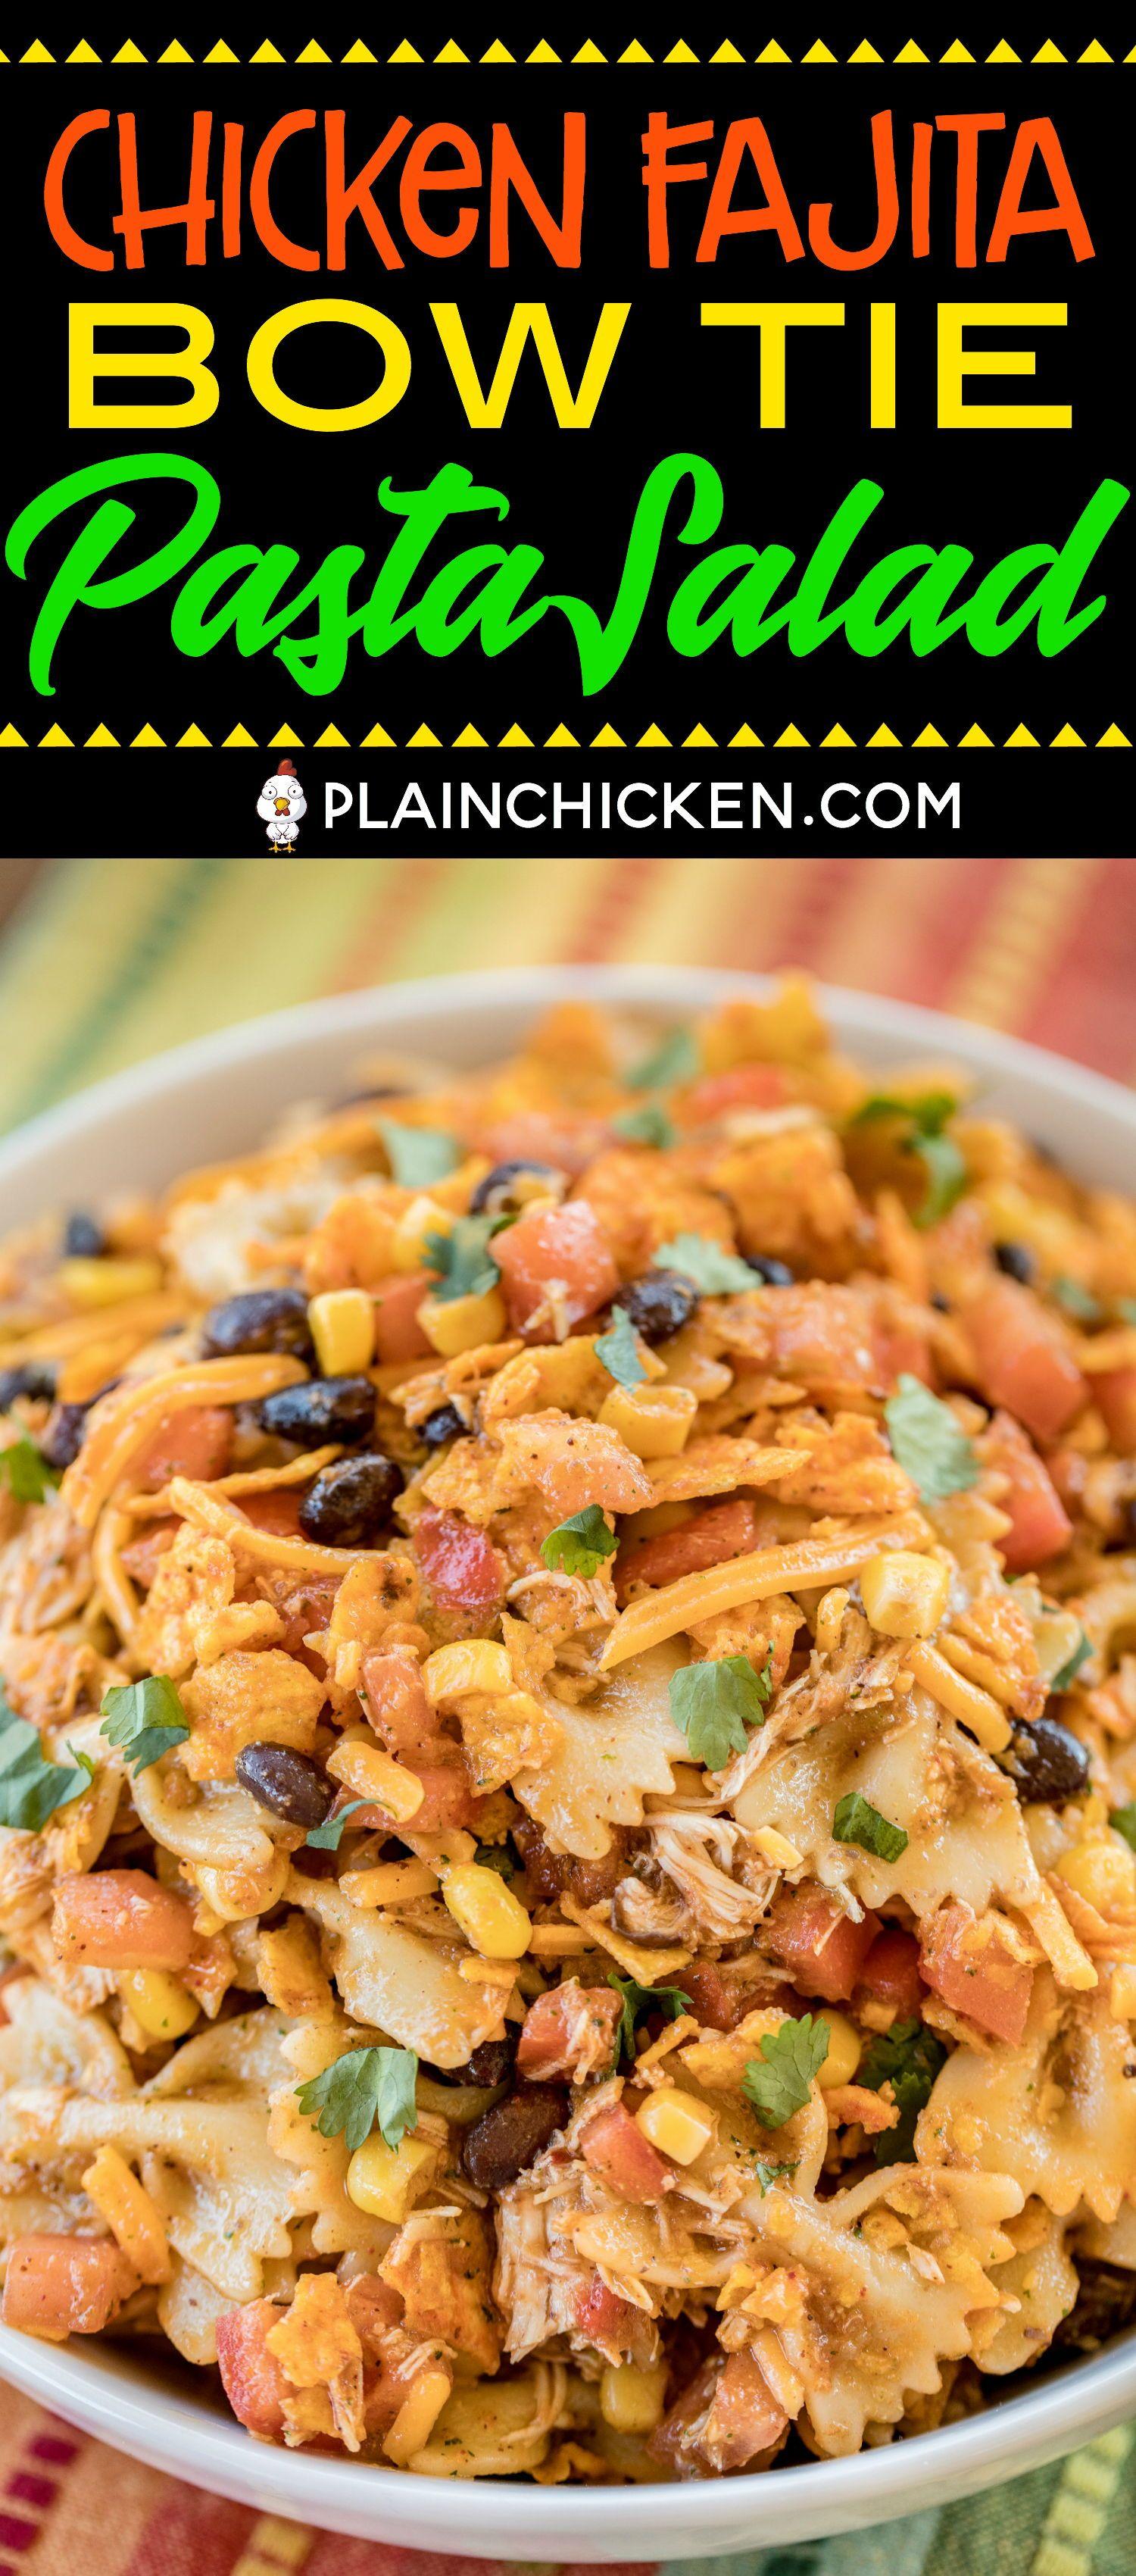 Doritos Chicken Fajita Bow Tie Pasta Salad Crazy Good Chicken